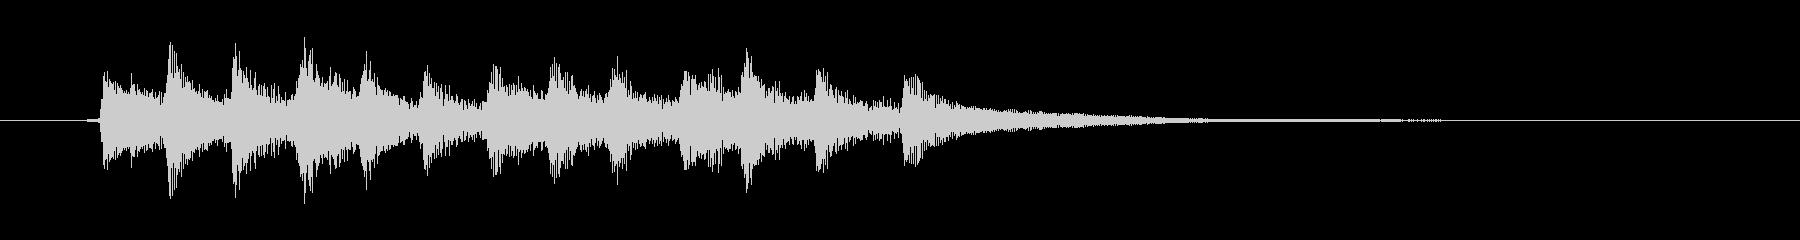 ピアノのメロディーの未再生の波形